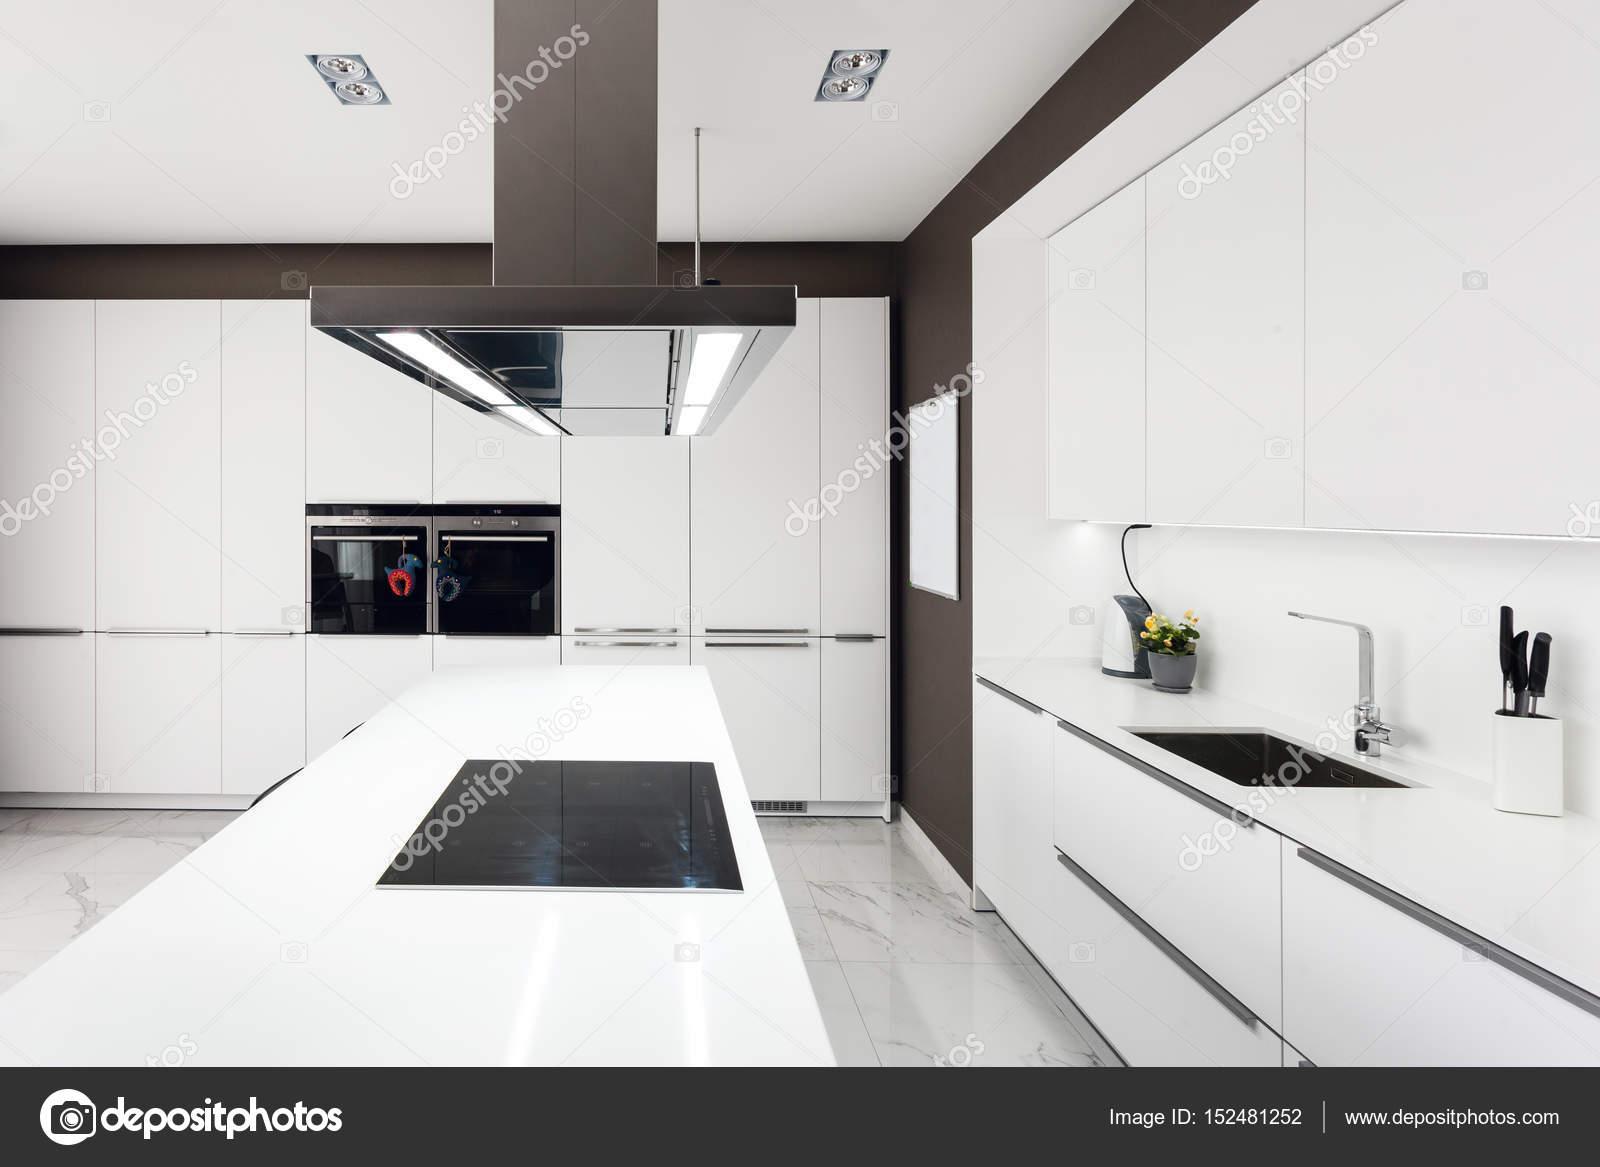 Electrodomesticos cocina moderna blanco cocina moderna - Cocina con electrodomesticos ...